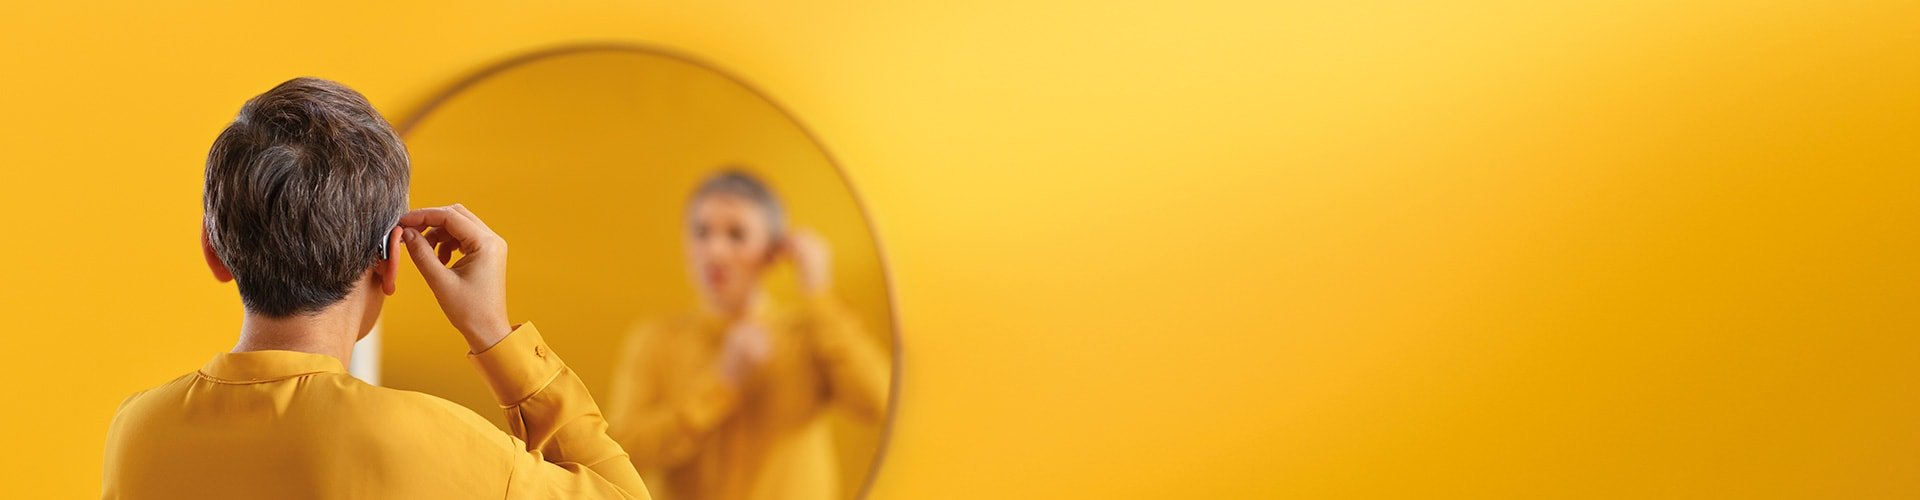 Une femme met ses aides auditives Philips. Philips HearLink est une gamme d'appareils auditifs.